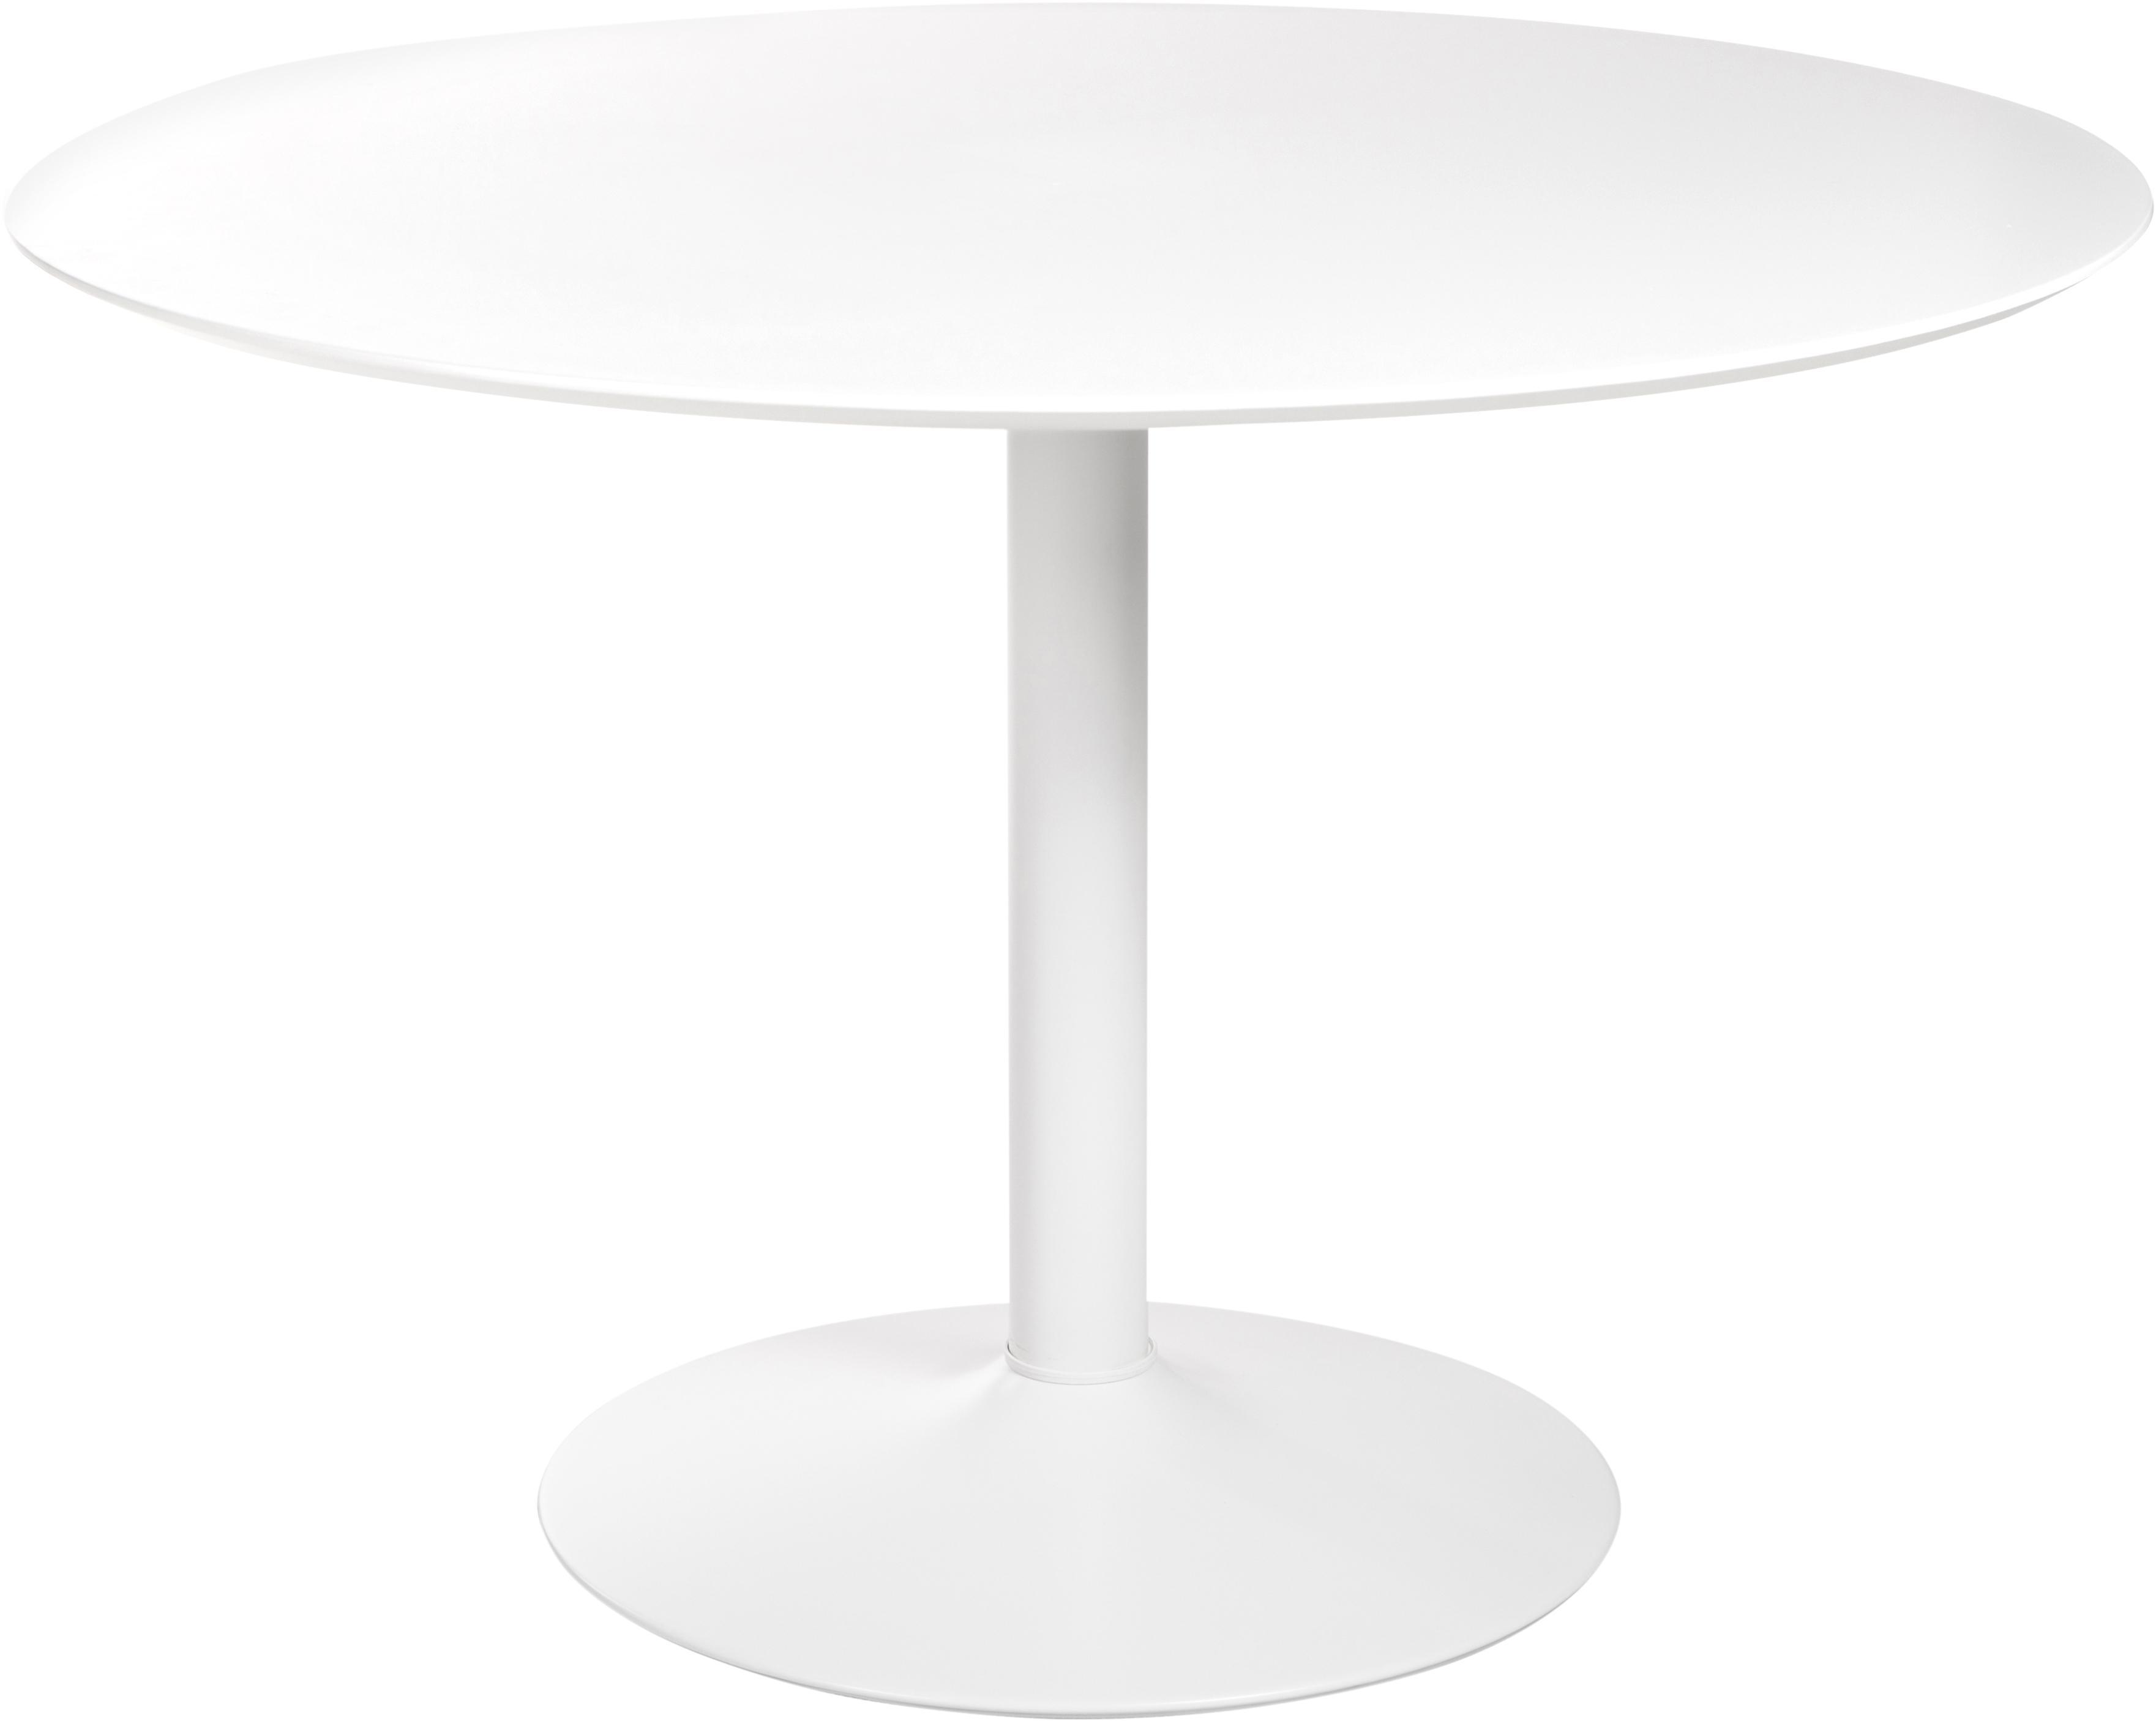 Mesa de comedor Ibiza, Tablero de fibras de densidad media (MDF), metal, Blanco, Ø 110 x Al 74 cm